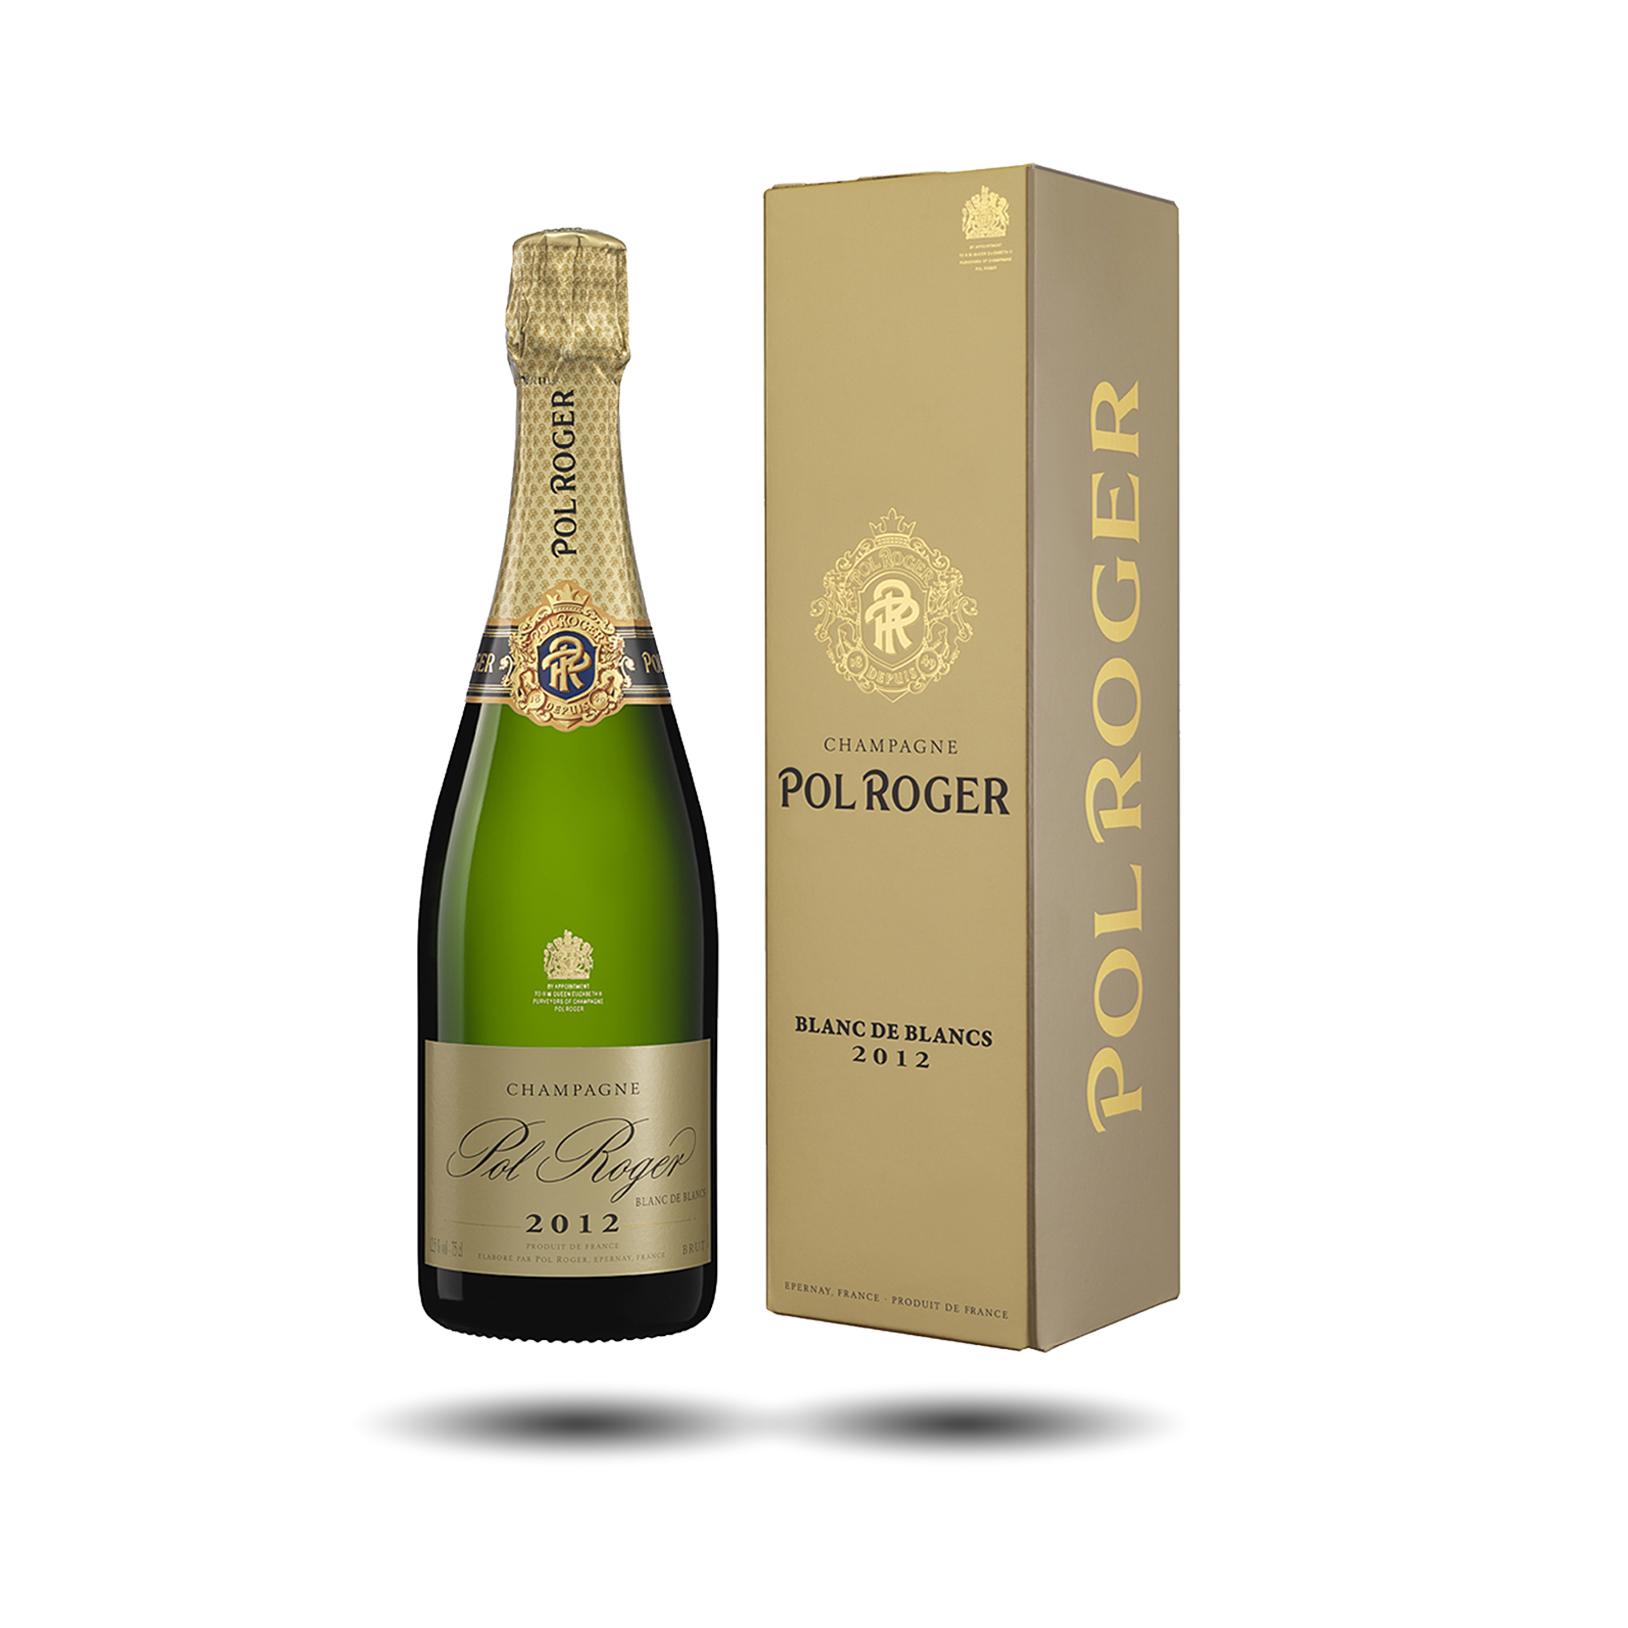 Champagne Pol Roger, Blanc de Blancs 2012